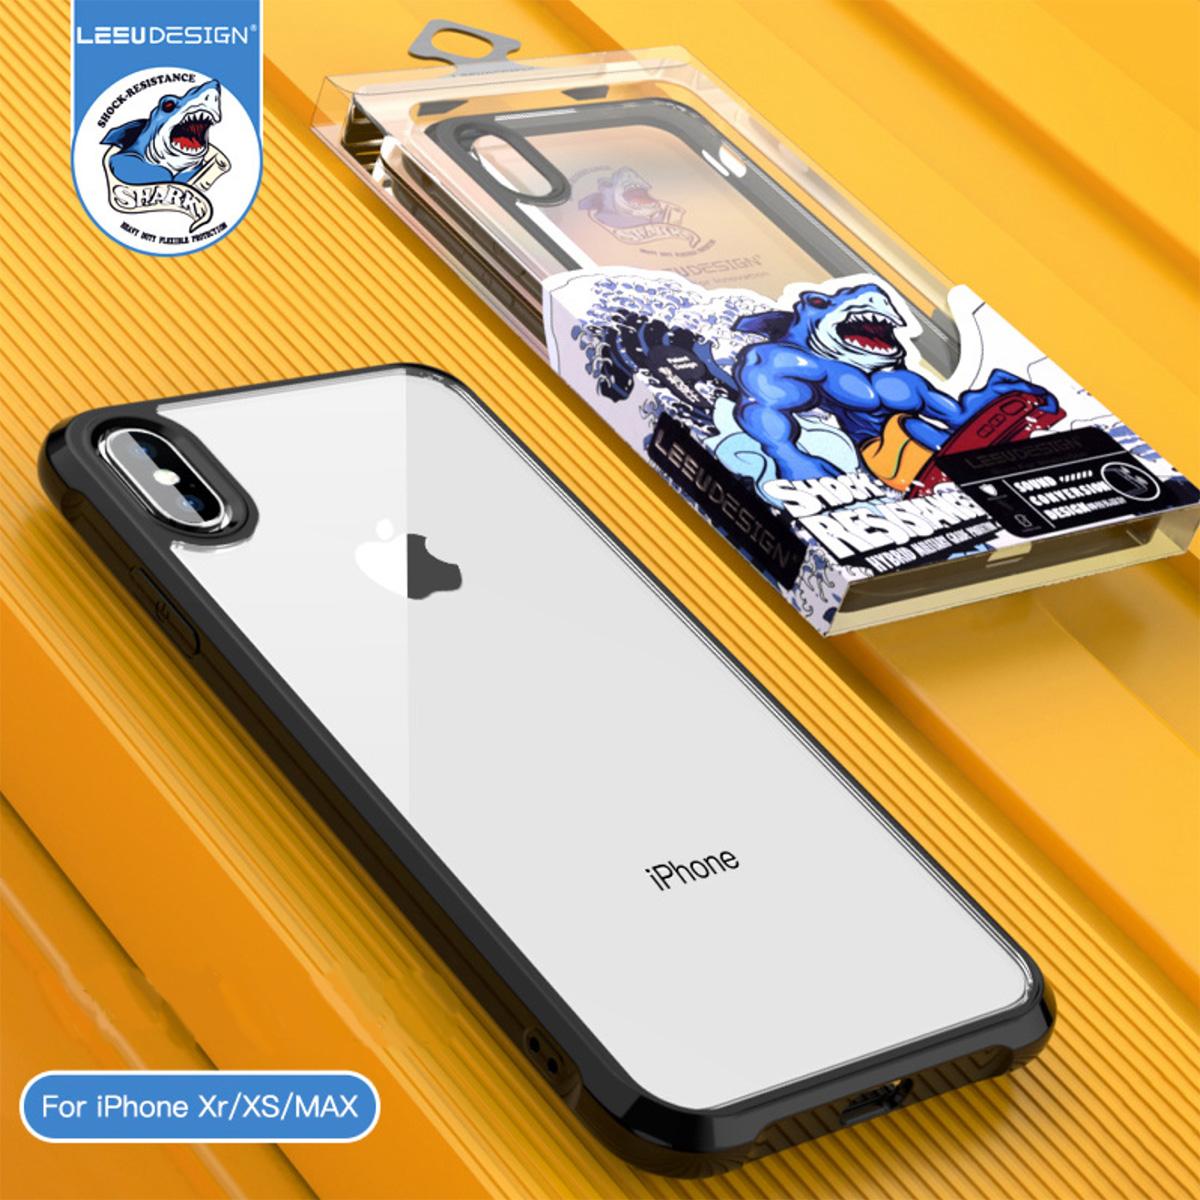 おしゃれ スマホカバー クリアカバー アイフォン アイホン スマホケース mHand公式 iPhone強化携帯ケース 送料無料 携帯ケース 携帯カバー iphone xsmax 軽量 max iphone8 スマートホンケース 薄型 新品 送料無料 x xr XS クリアケース iphone7ケース Z ケース